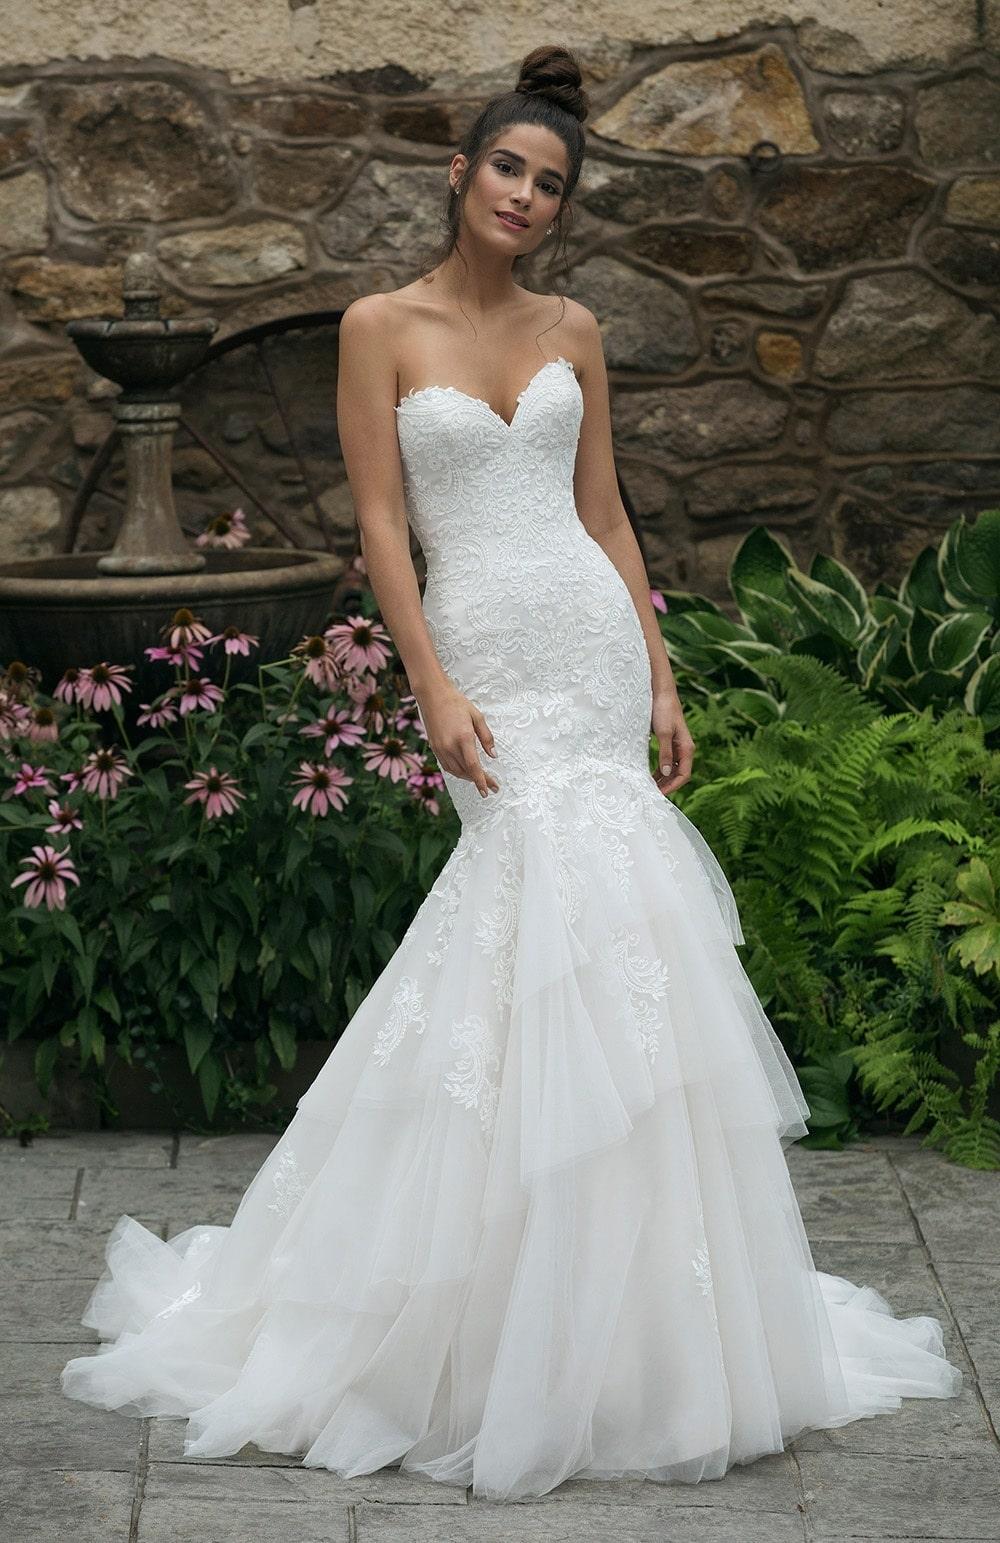 Robe de mariée Modèle 44060 – Sandy